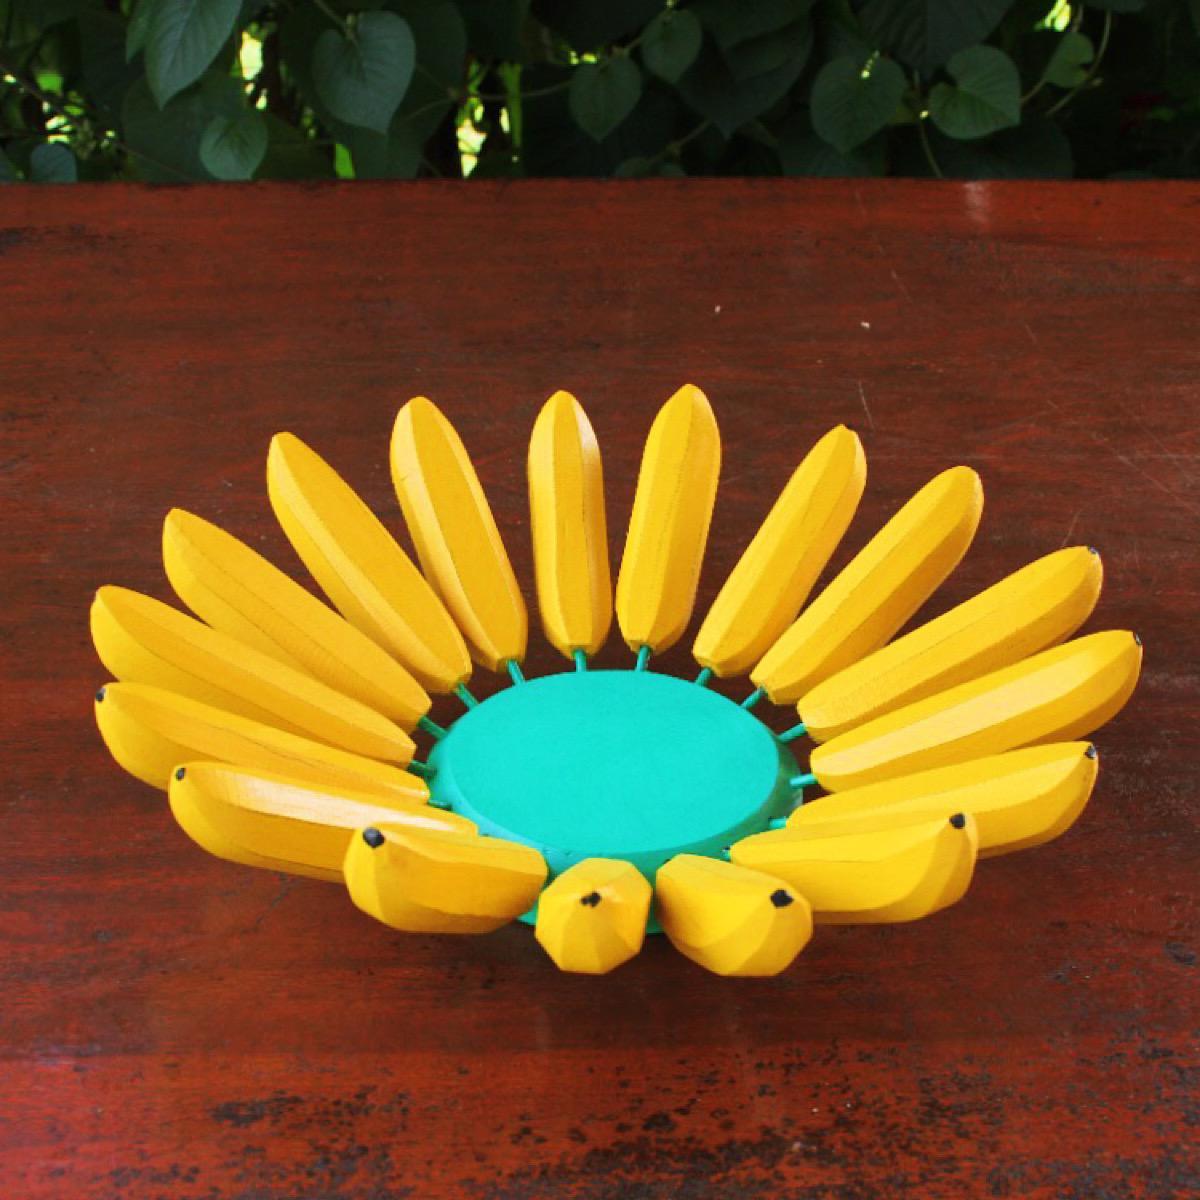 Fruteira Decorativa Rústica de Banana